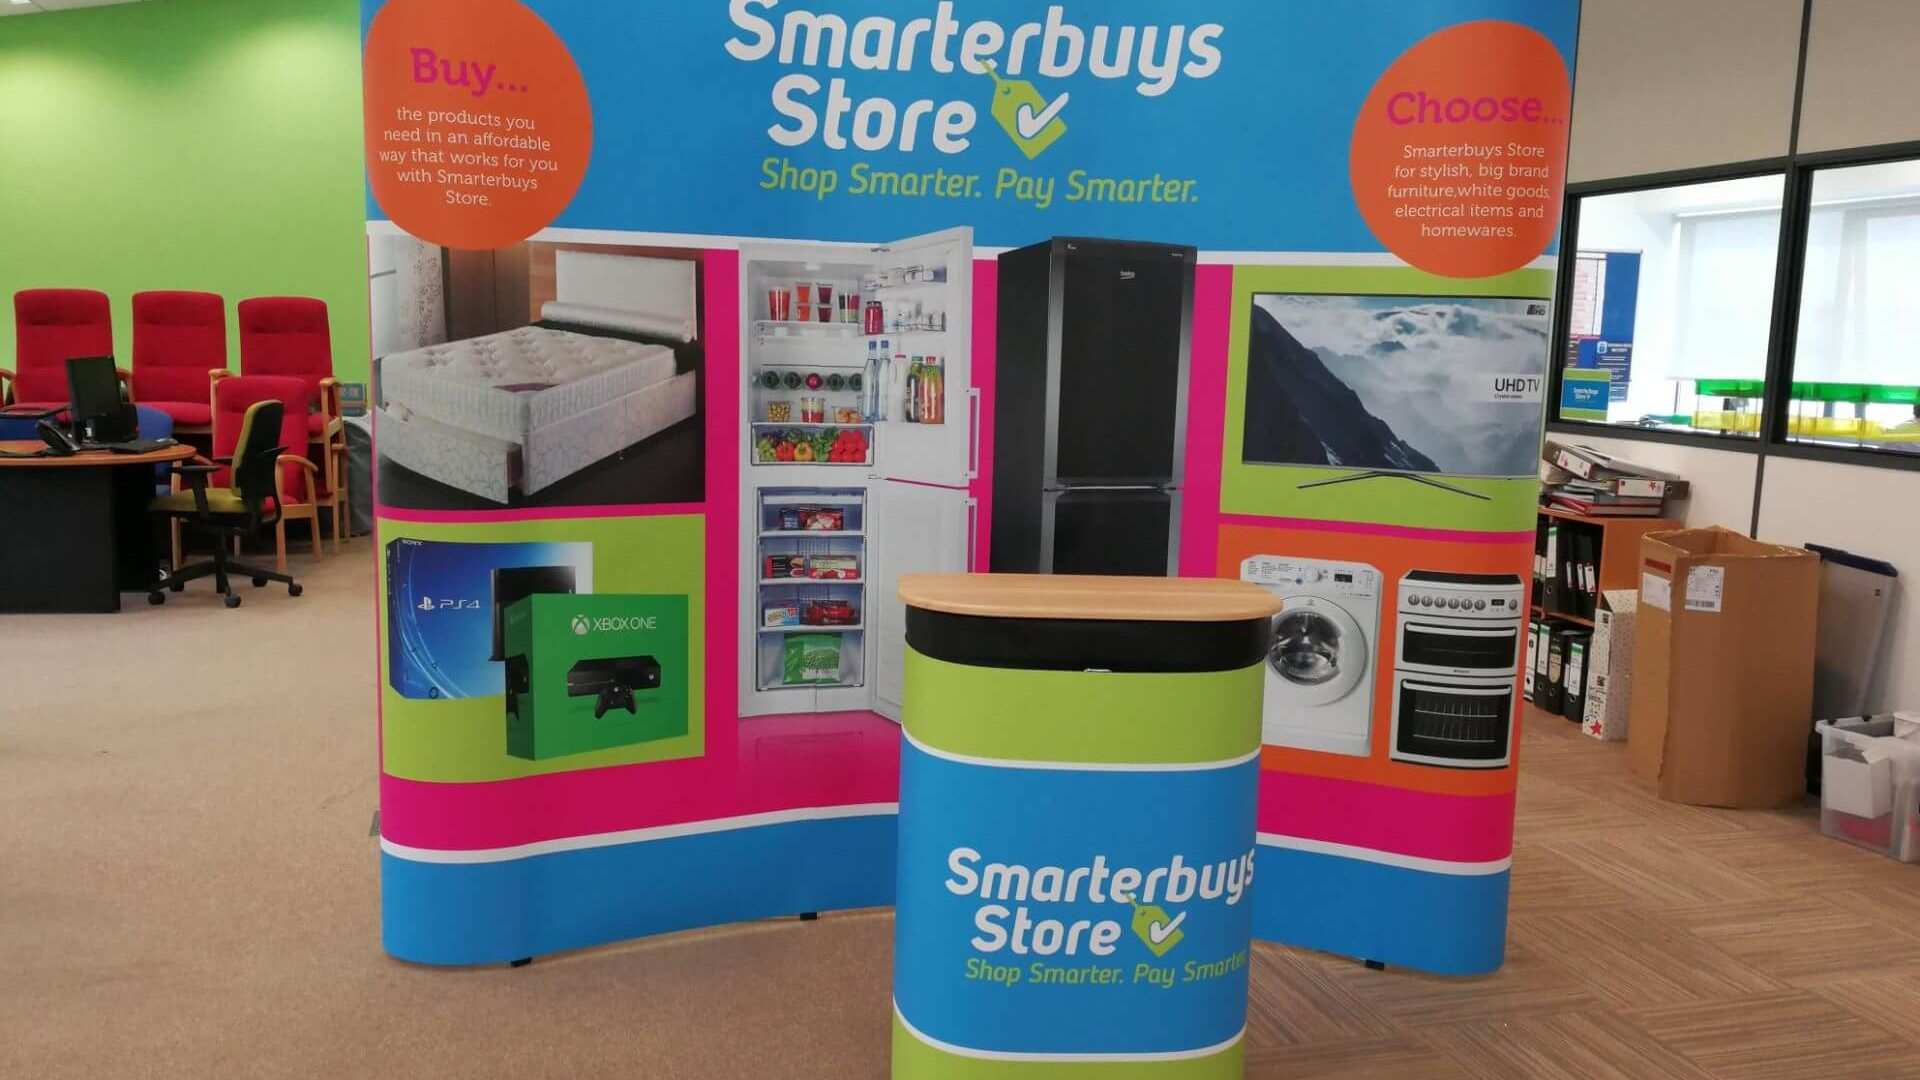 smarterbuys-store